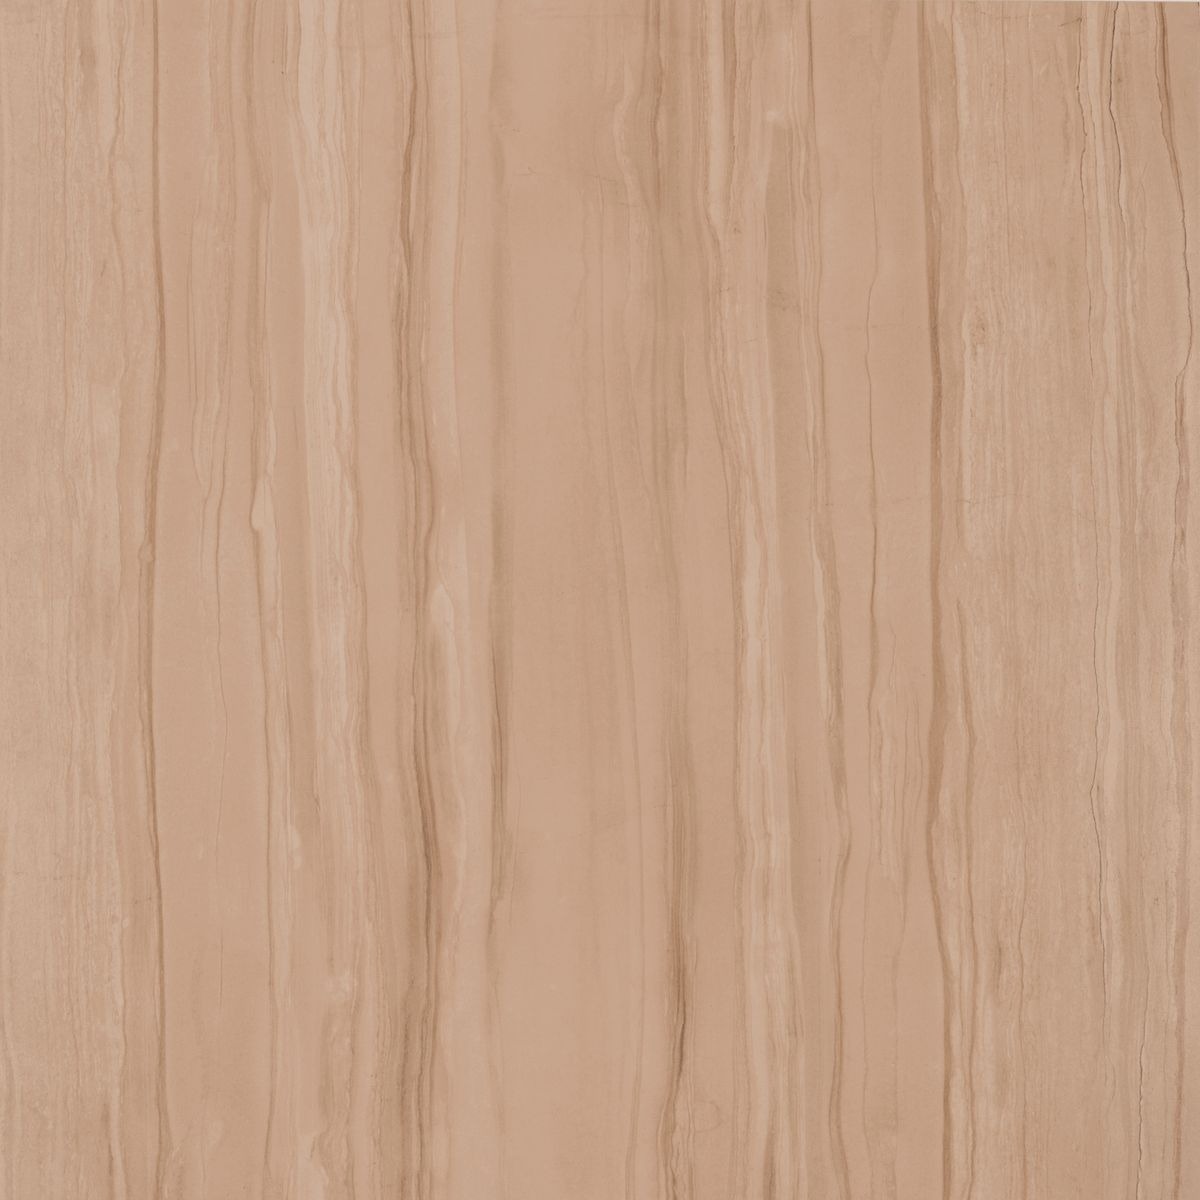 Плитка Marmo Acero acero  rectified crema (zrxma3r) изображение 1